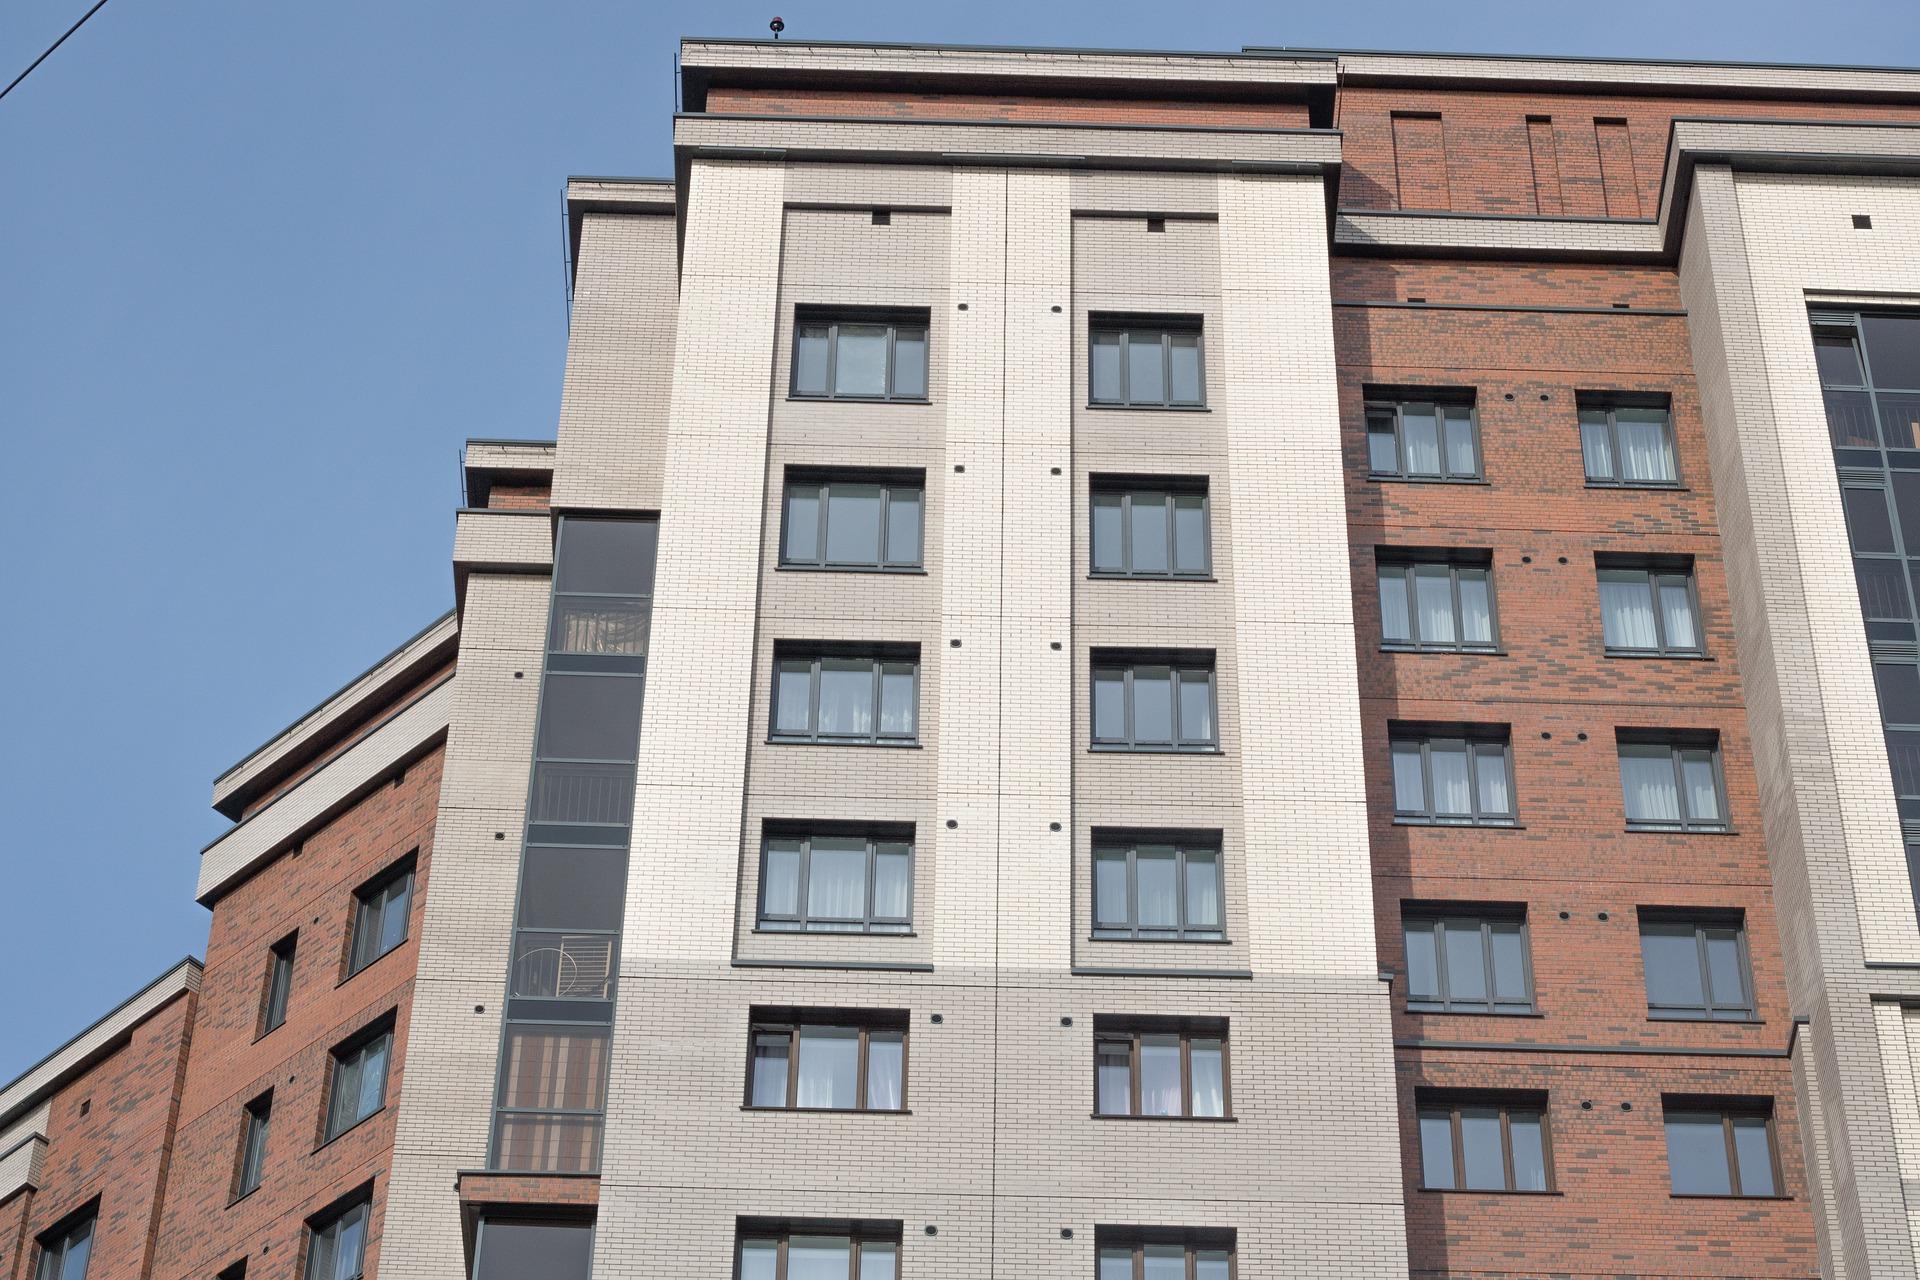 Hübsche Etagenwohnung in 30419 Hannover